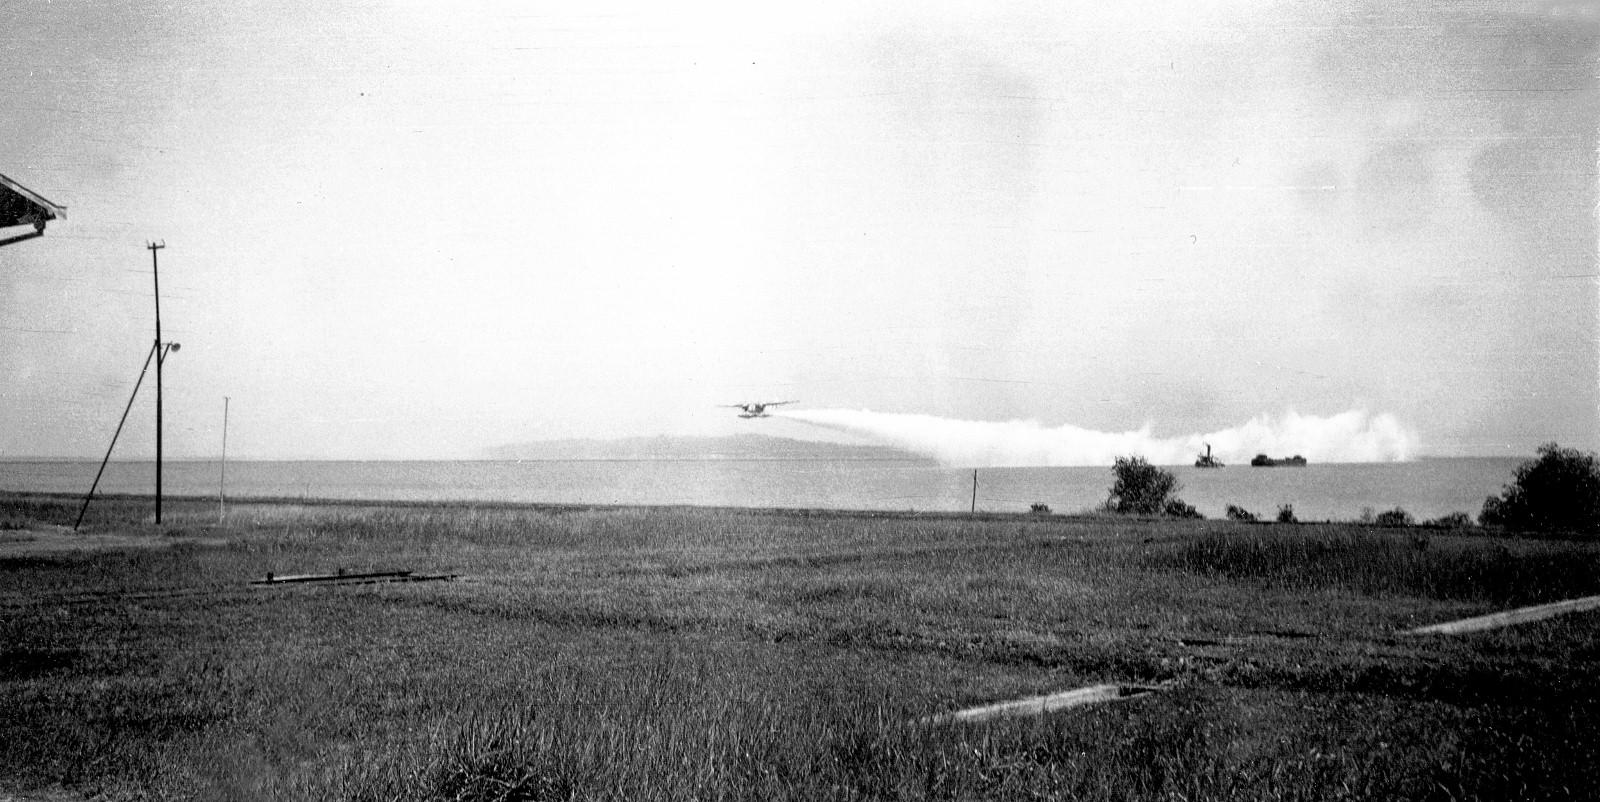 Naam: 4  Tarakan, Fokker T IV oefent het leggen van een rookgordijn, 1938 (1600x802).jpg Bekeken: 515 Grootte: 385,7 KB